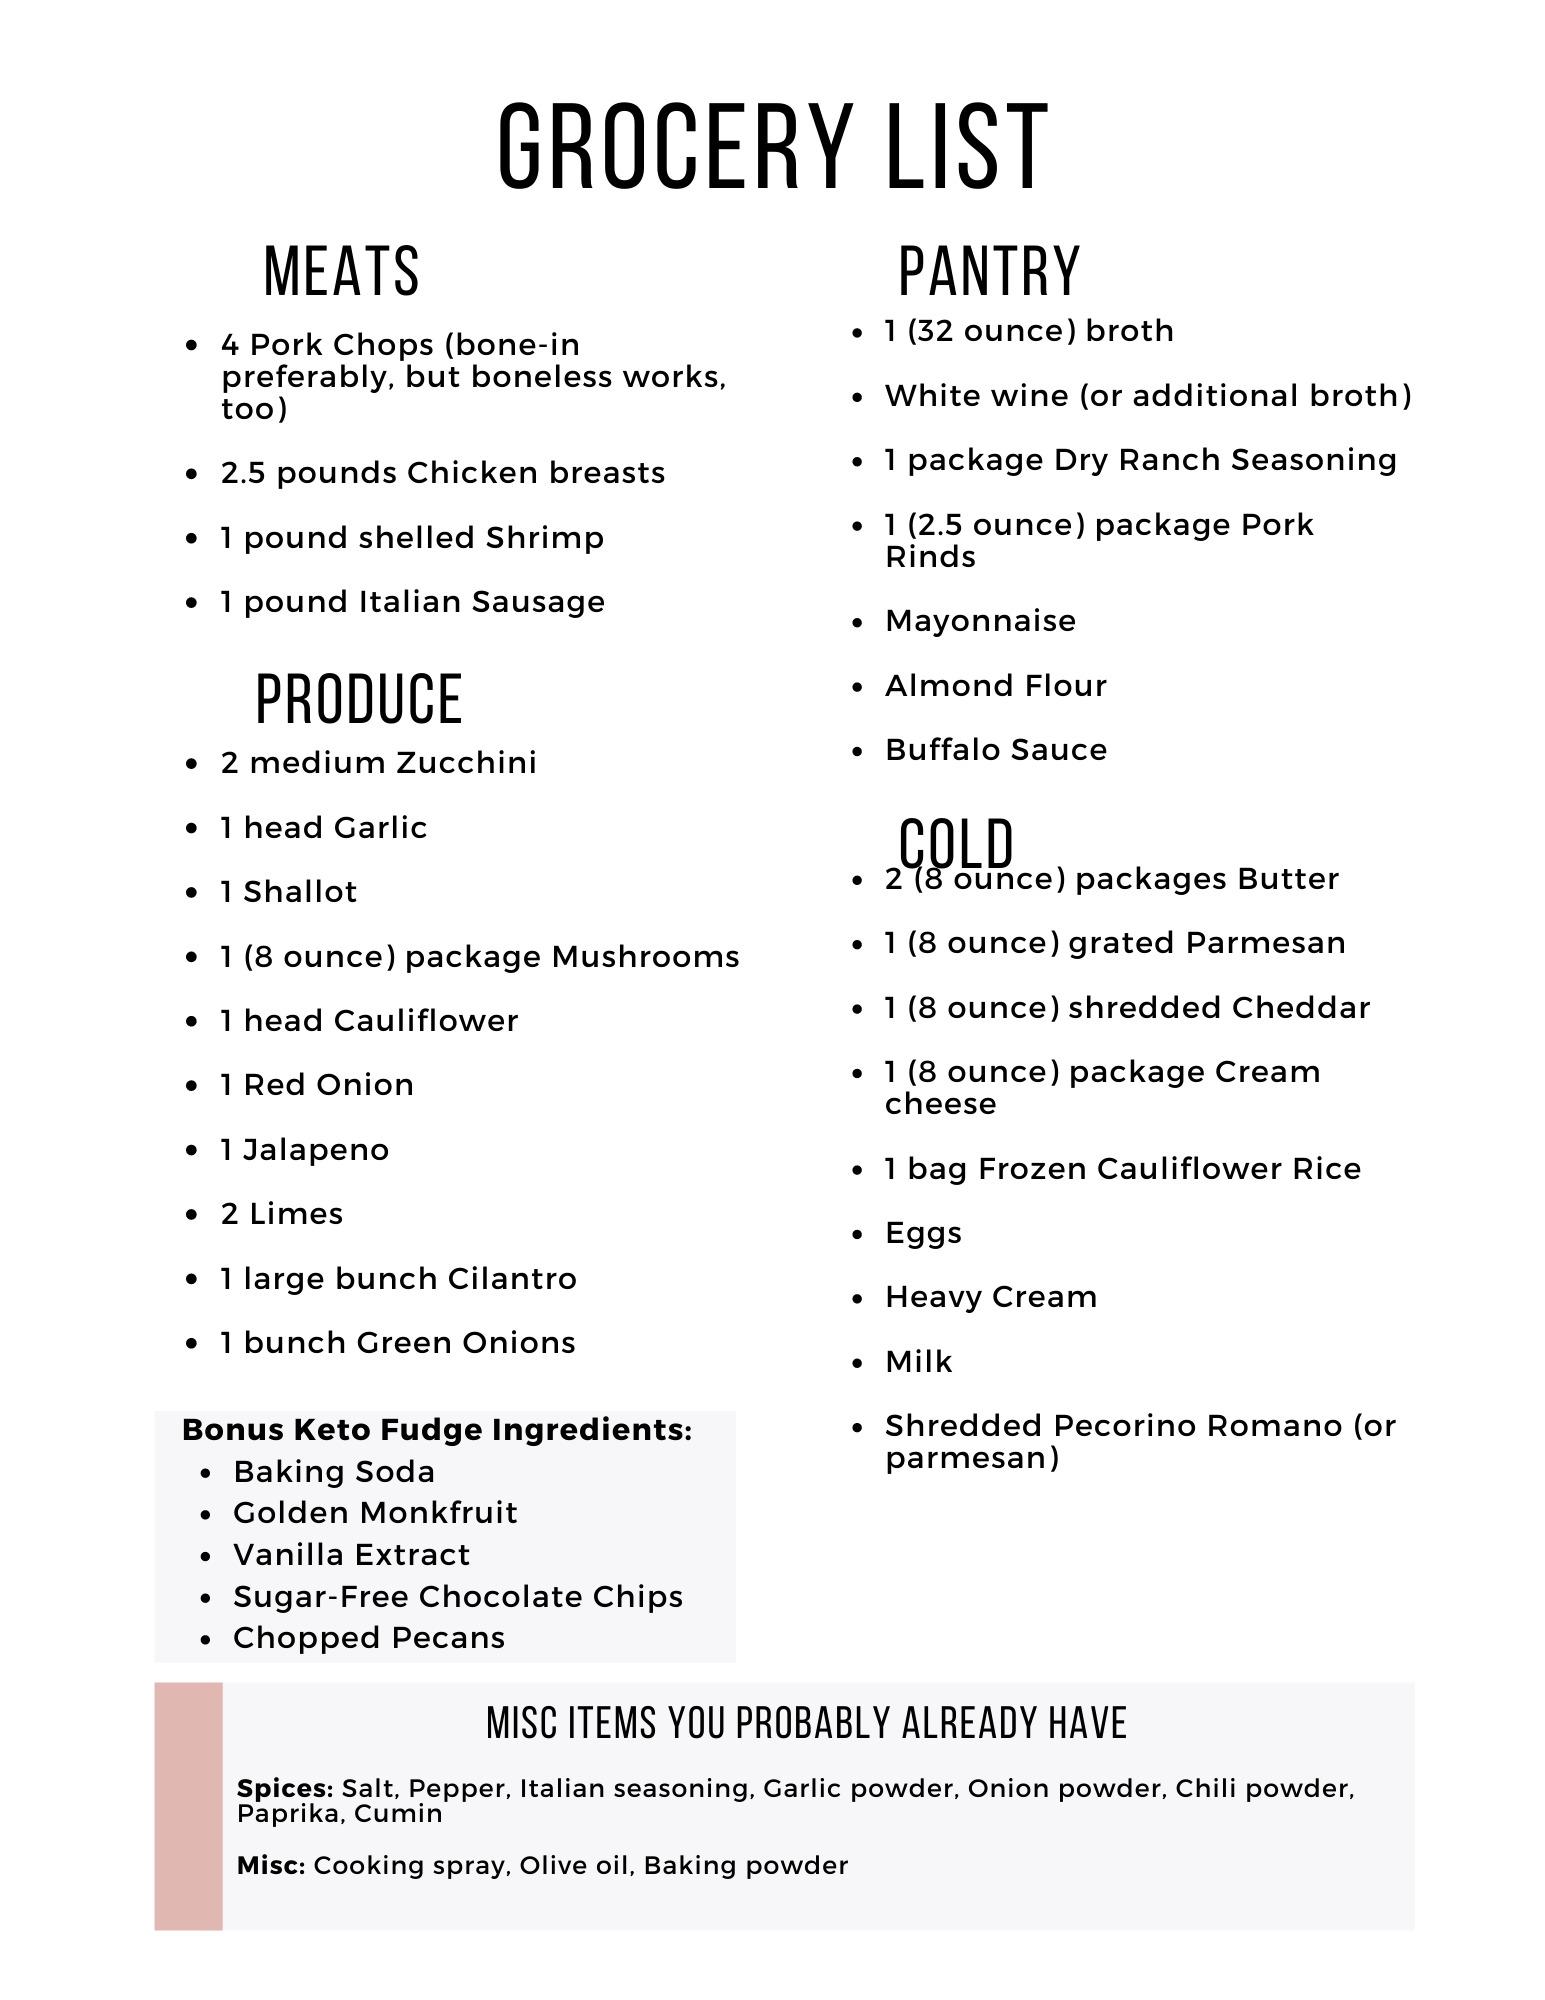 Easy Keto Meal Plan Week 16 Grocery List